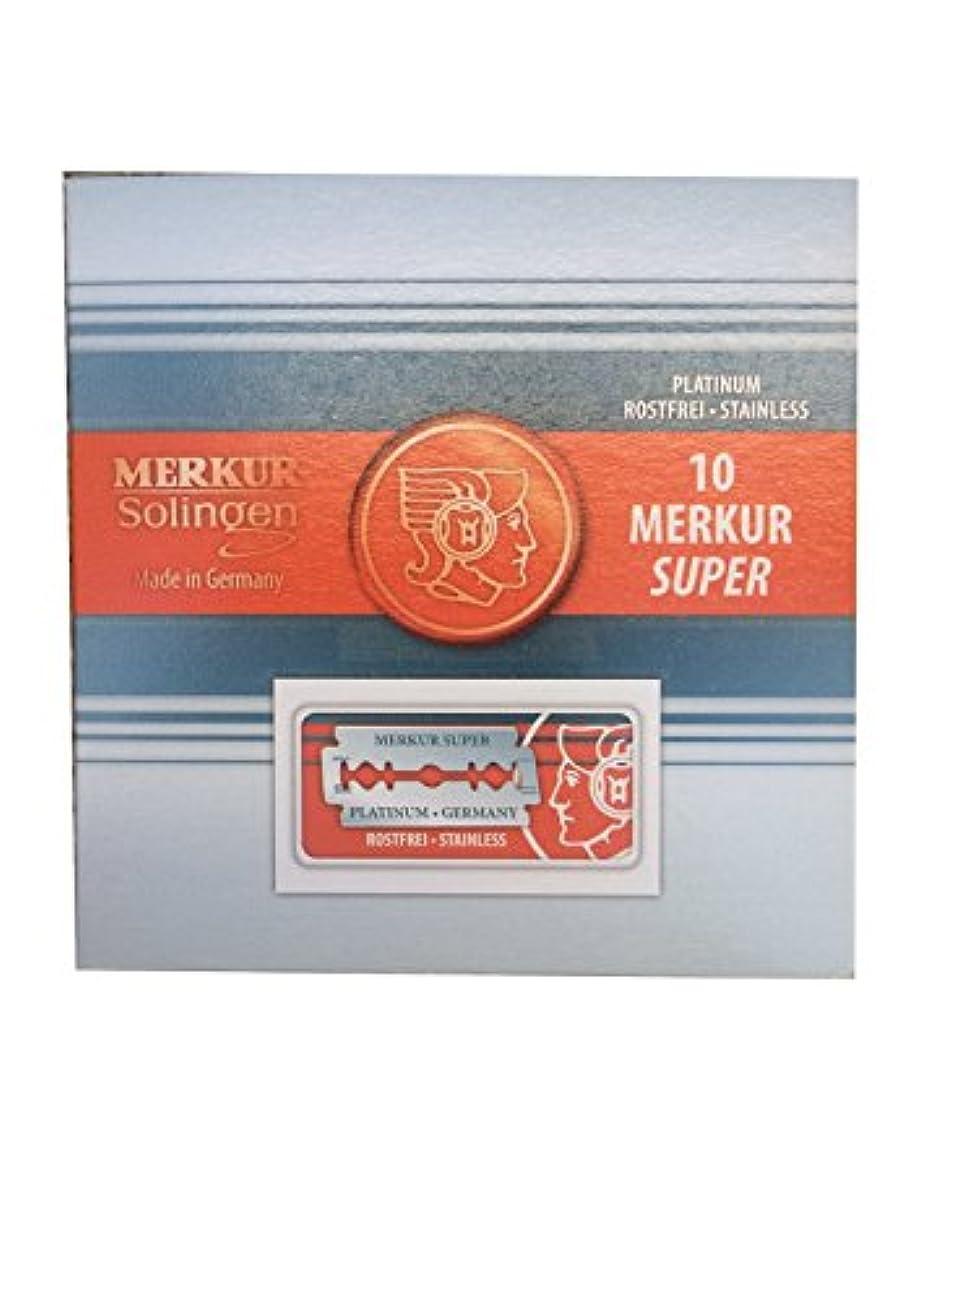 消すレインコート抑制Merkur Super Platinum 両刃替刃 100枚入り(10枚入り10 個セット)【並行輸入品】